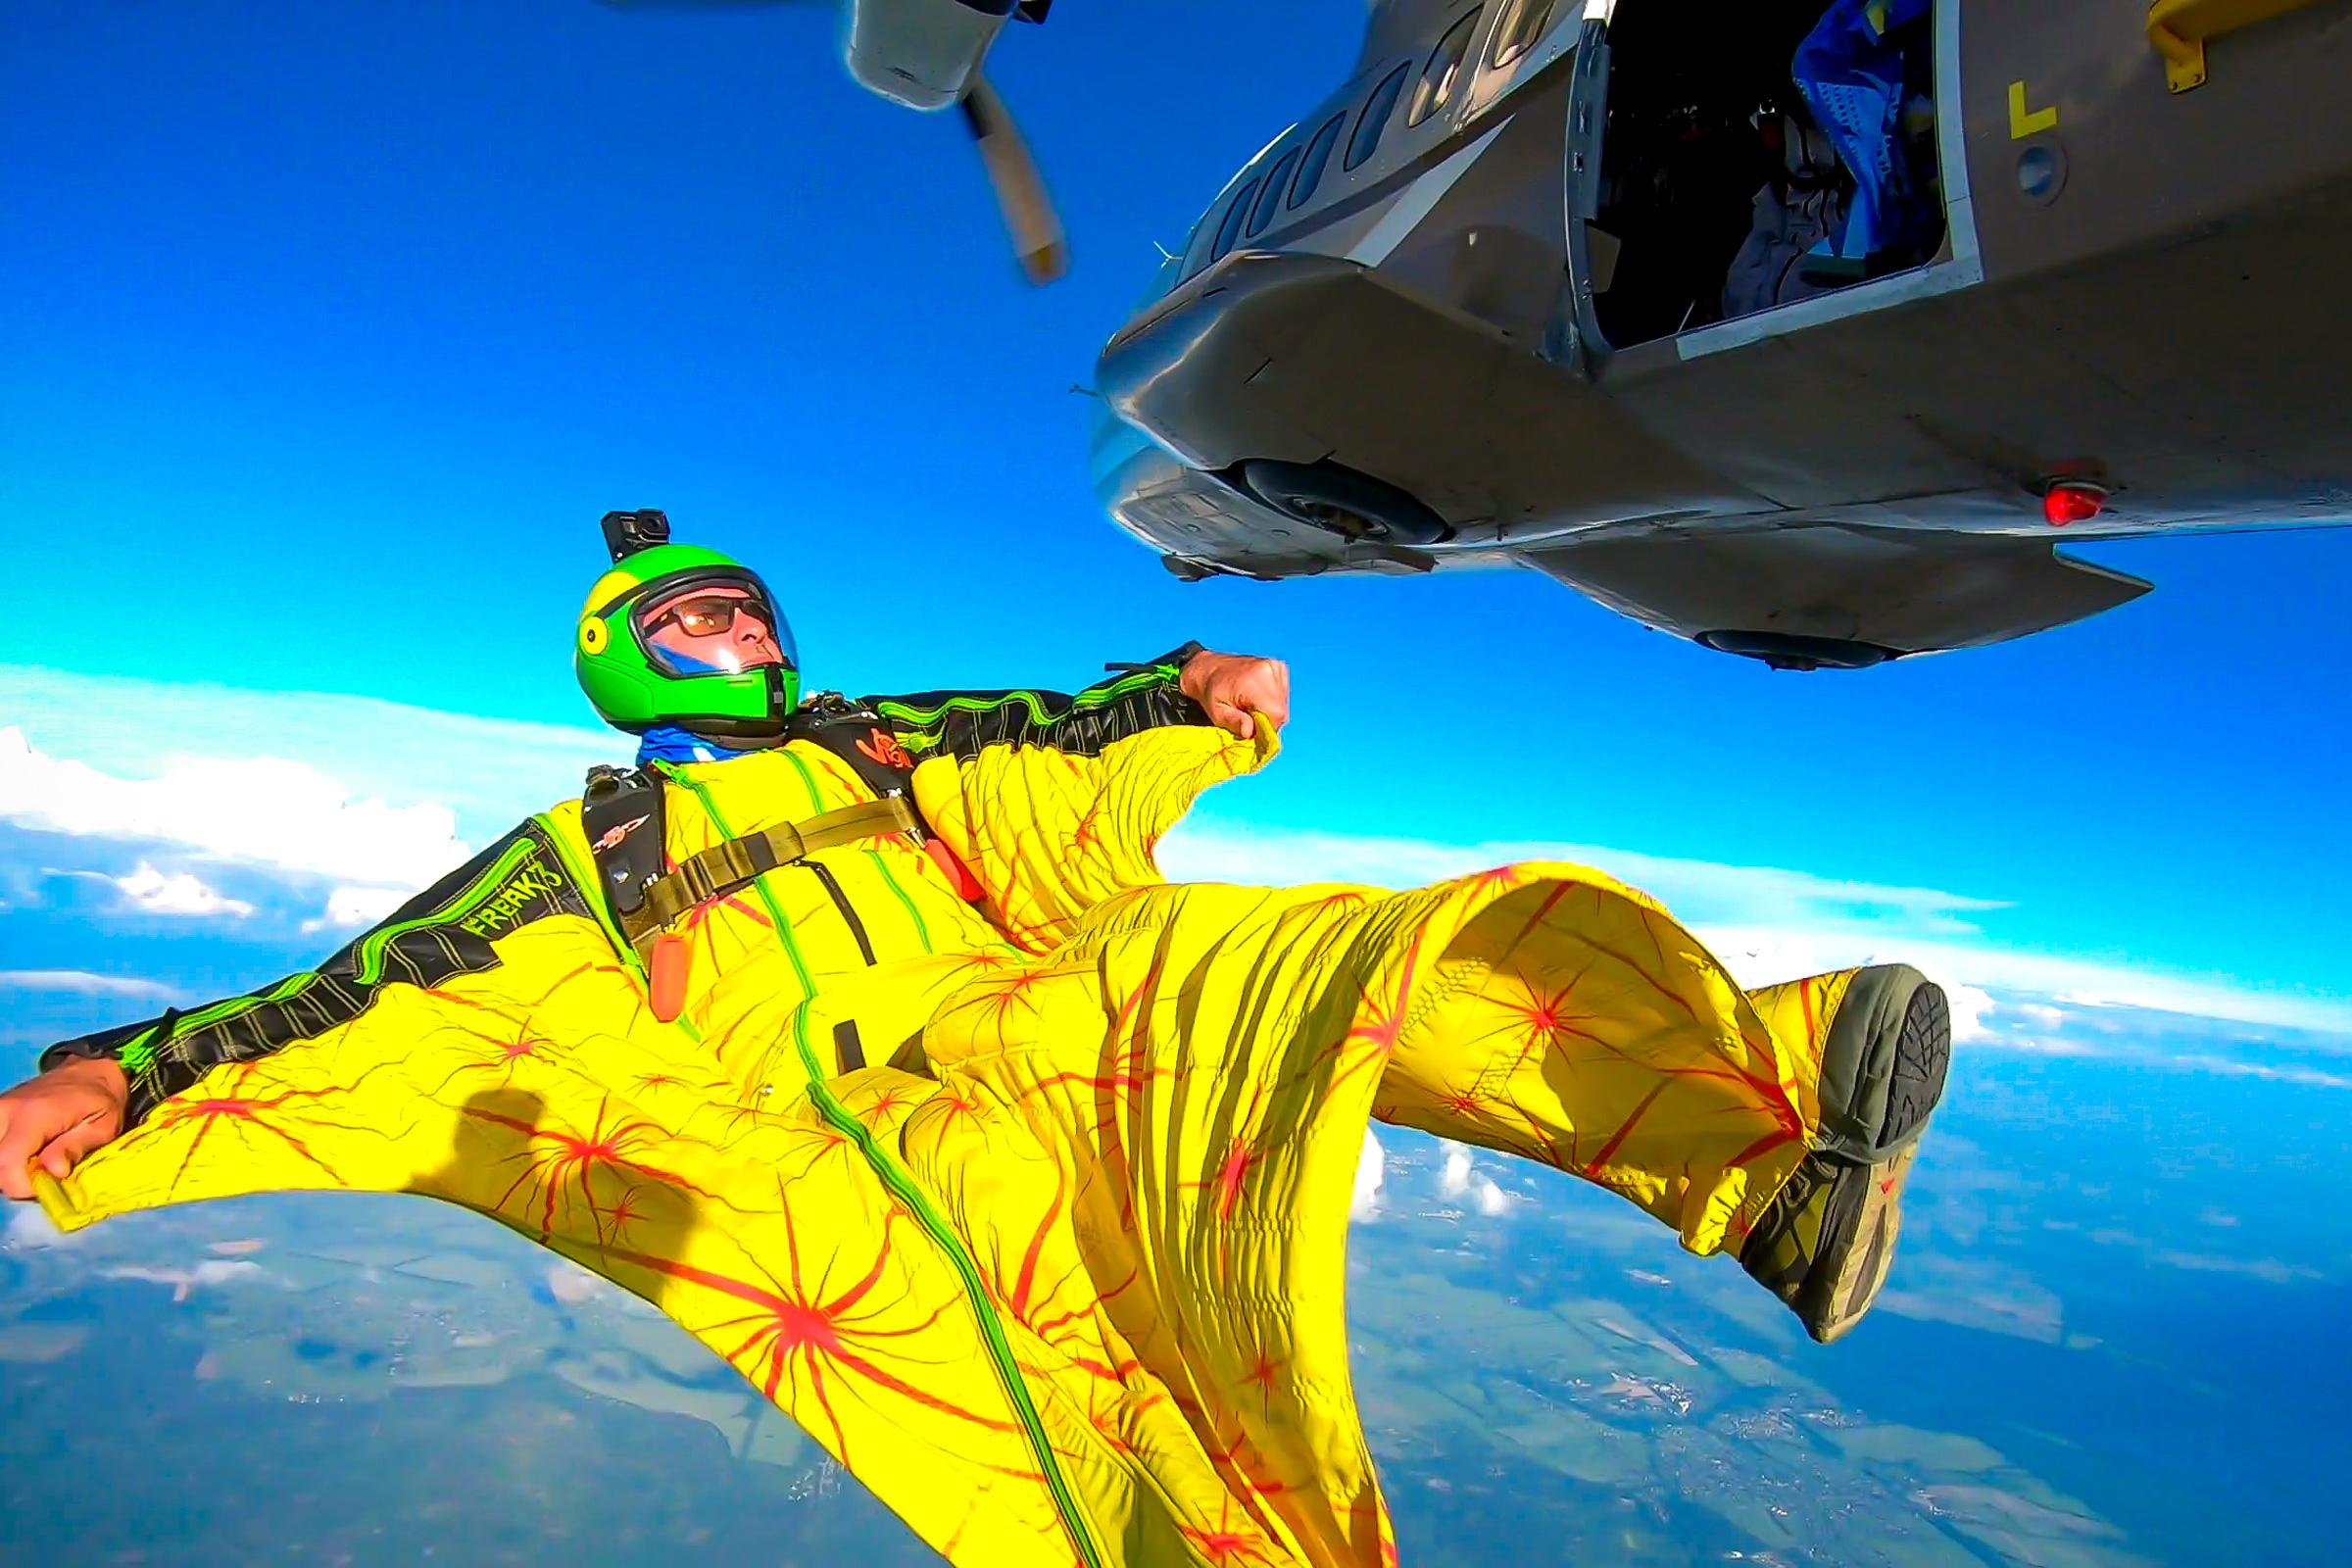 Skoczek w żółtym kombinezonie wingsuit. // fot. mat. prasowe